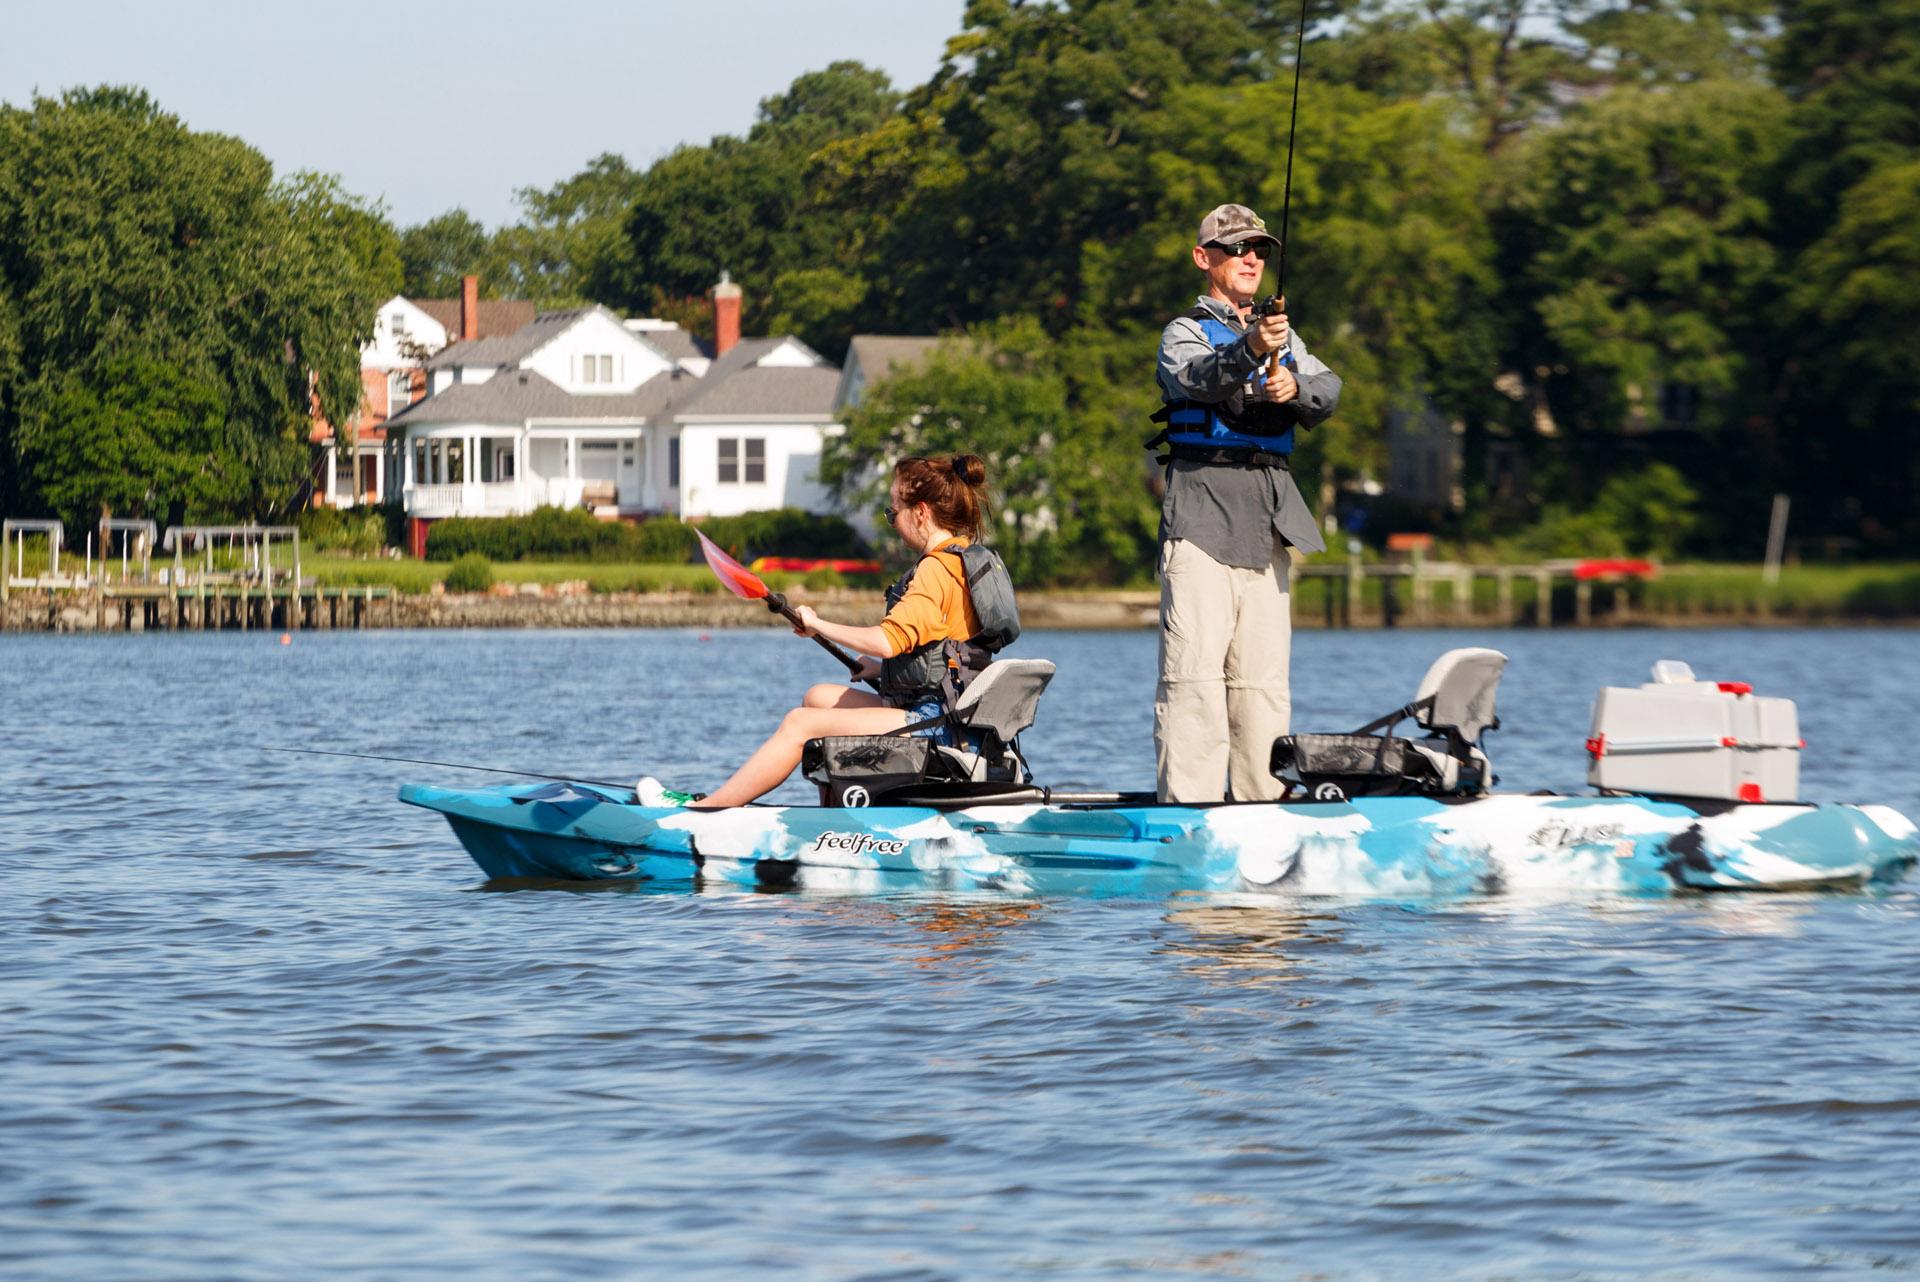 Tandem Kayak Review Feelfree Lure Ii Tandem Fishing Kayak